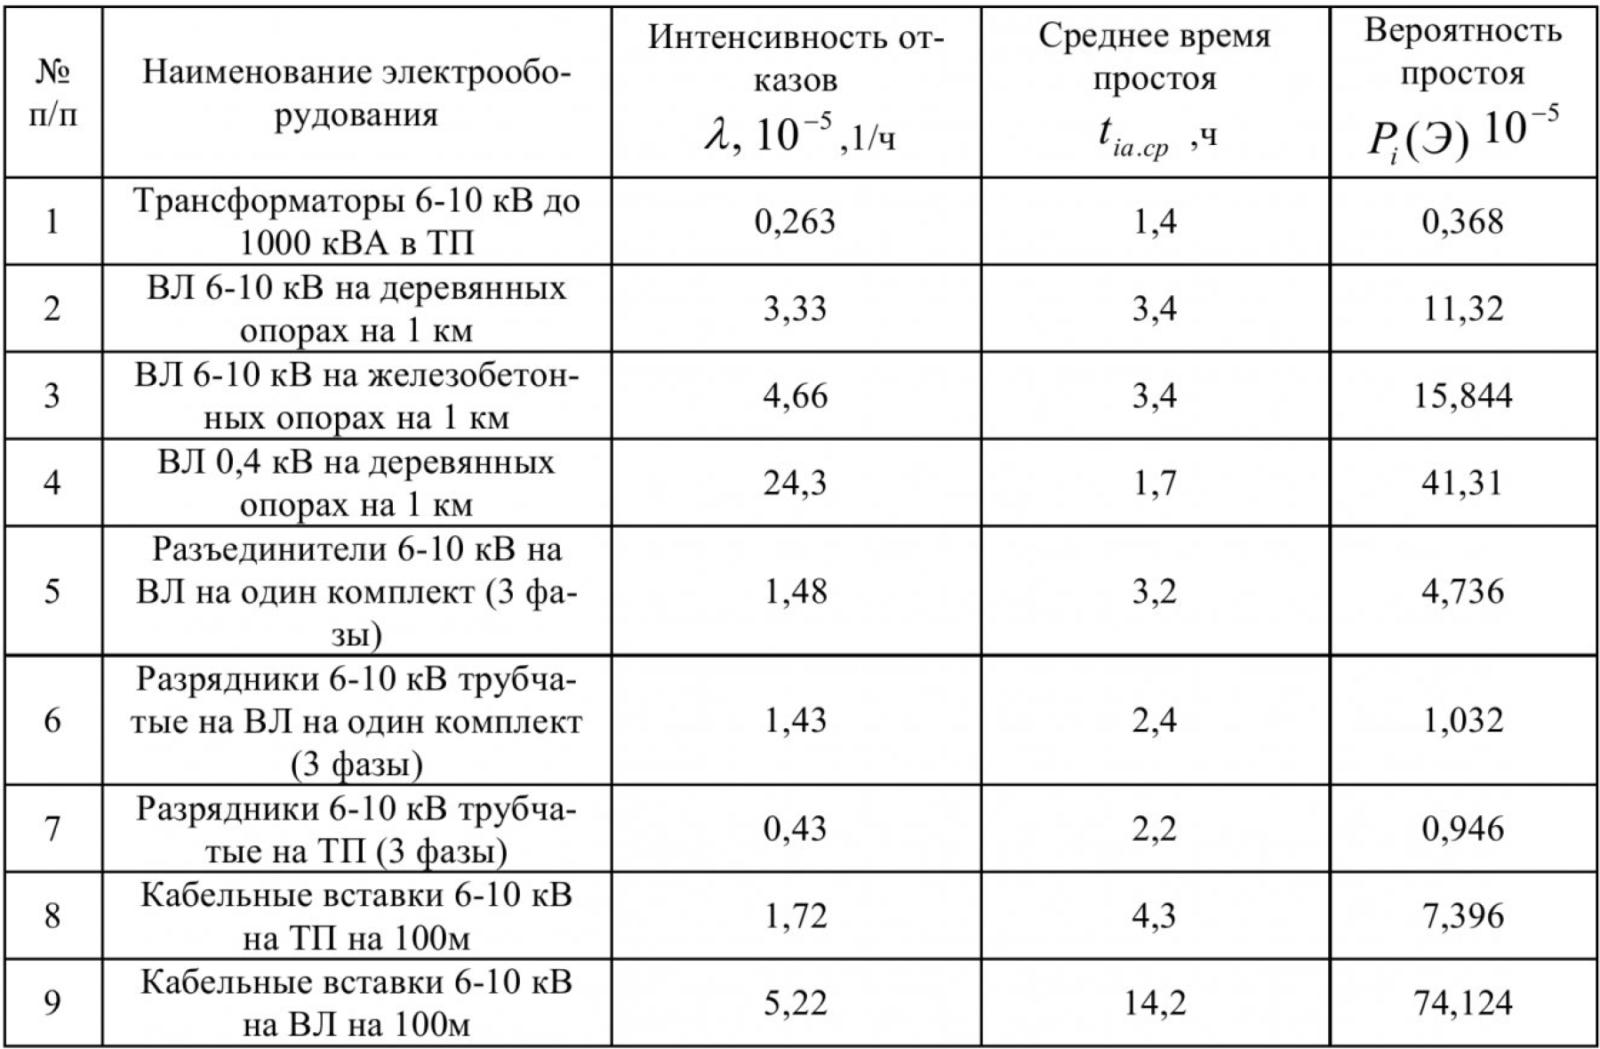 Таблица 3 – Средние значения показателей надежности электрооборудования РЭС